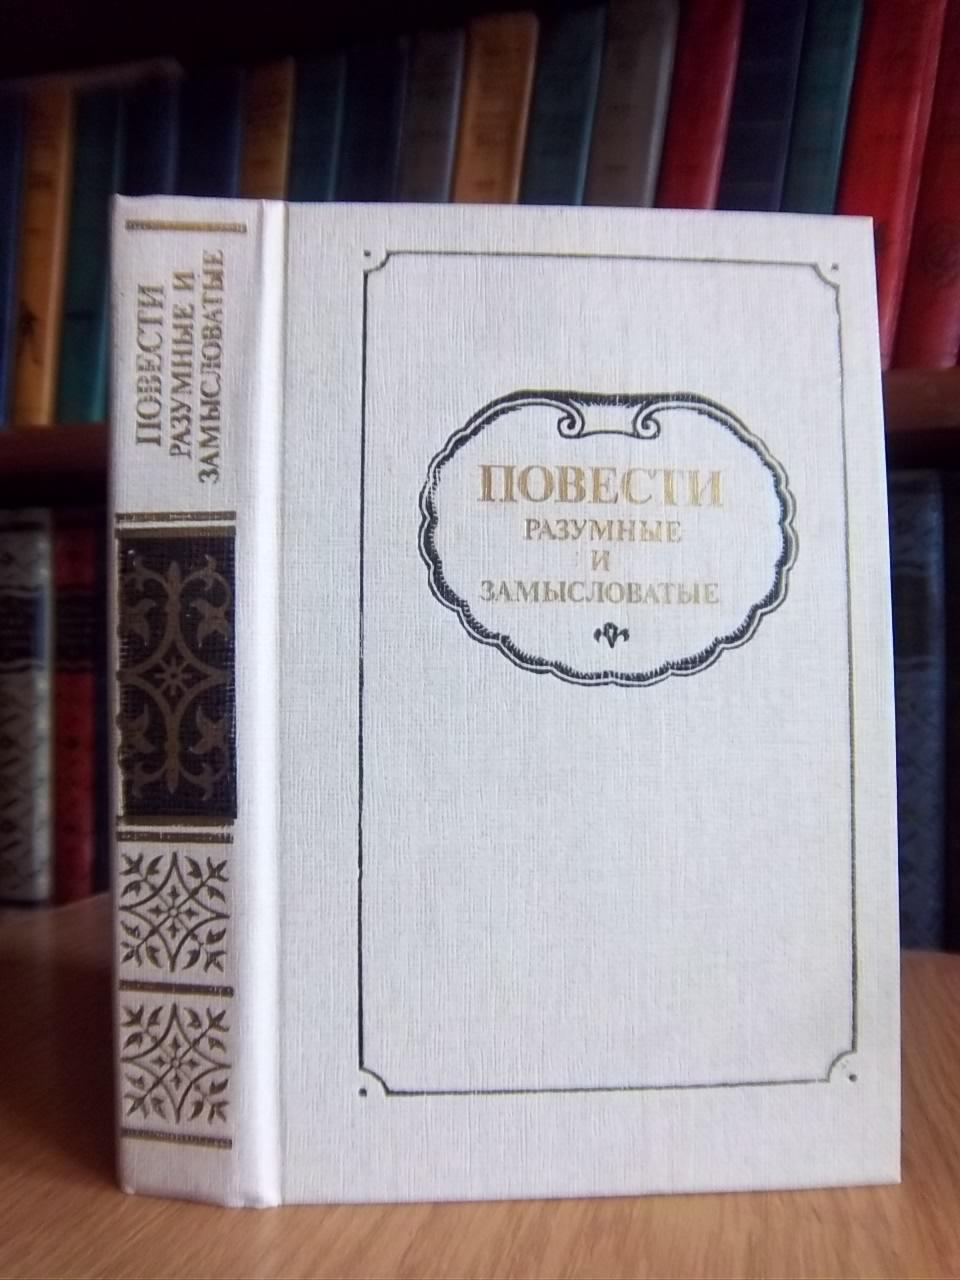 Повести разумные и замысловатые Популярная проза XVIII века